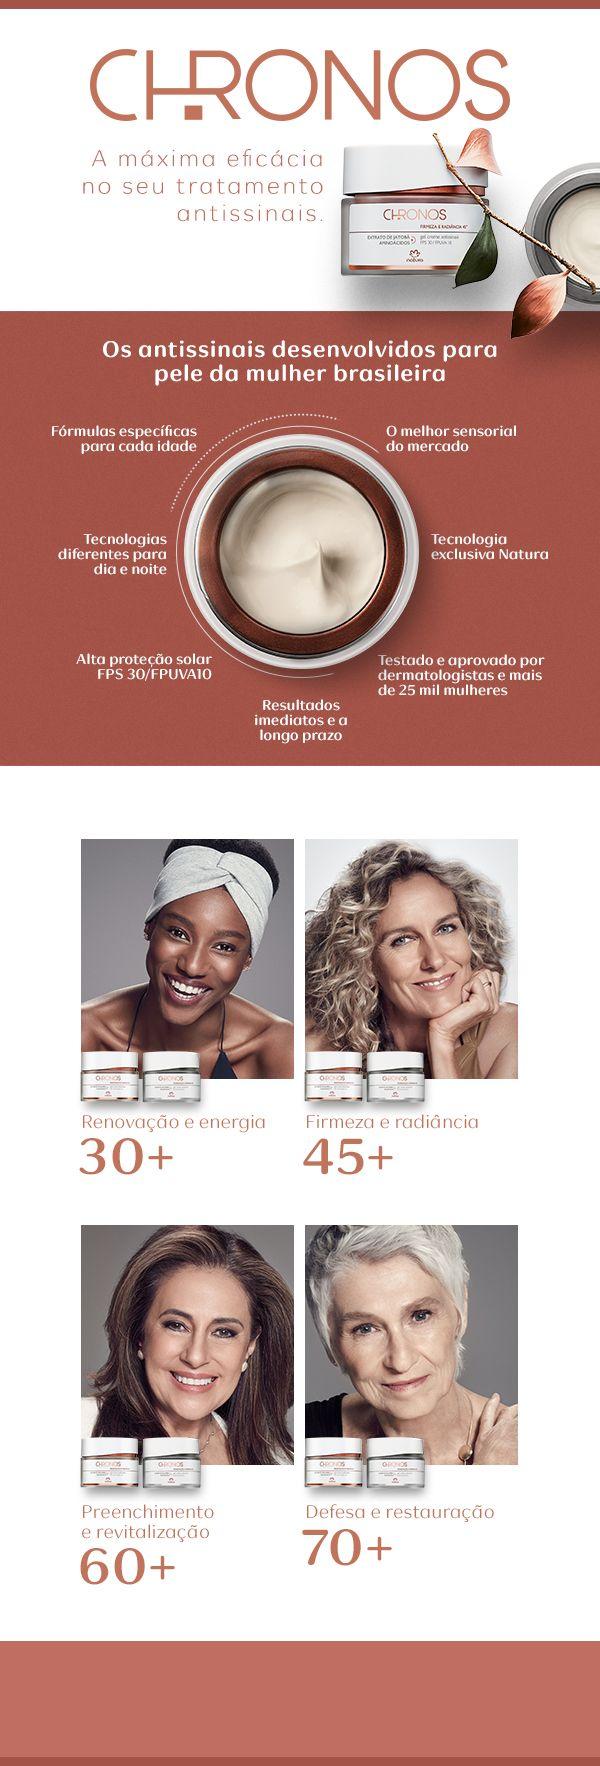 Conheça todos os benefícios do Novo Chronos, a linha que mais entende a pele da mulher brasileira. Fale comigo